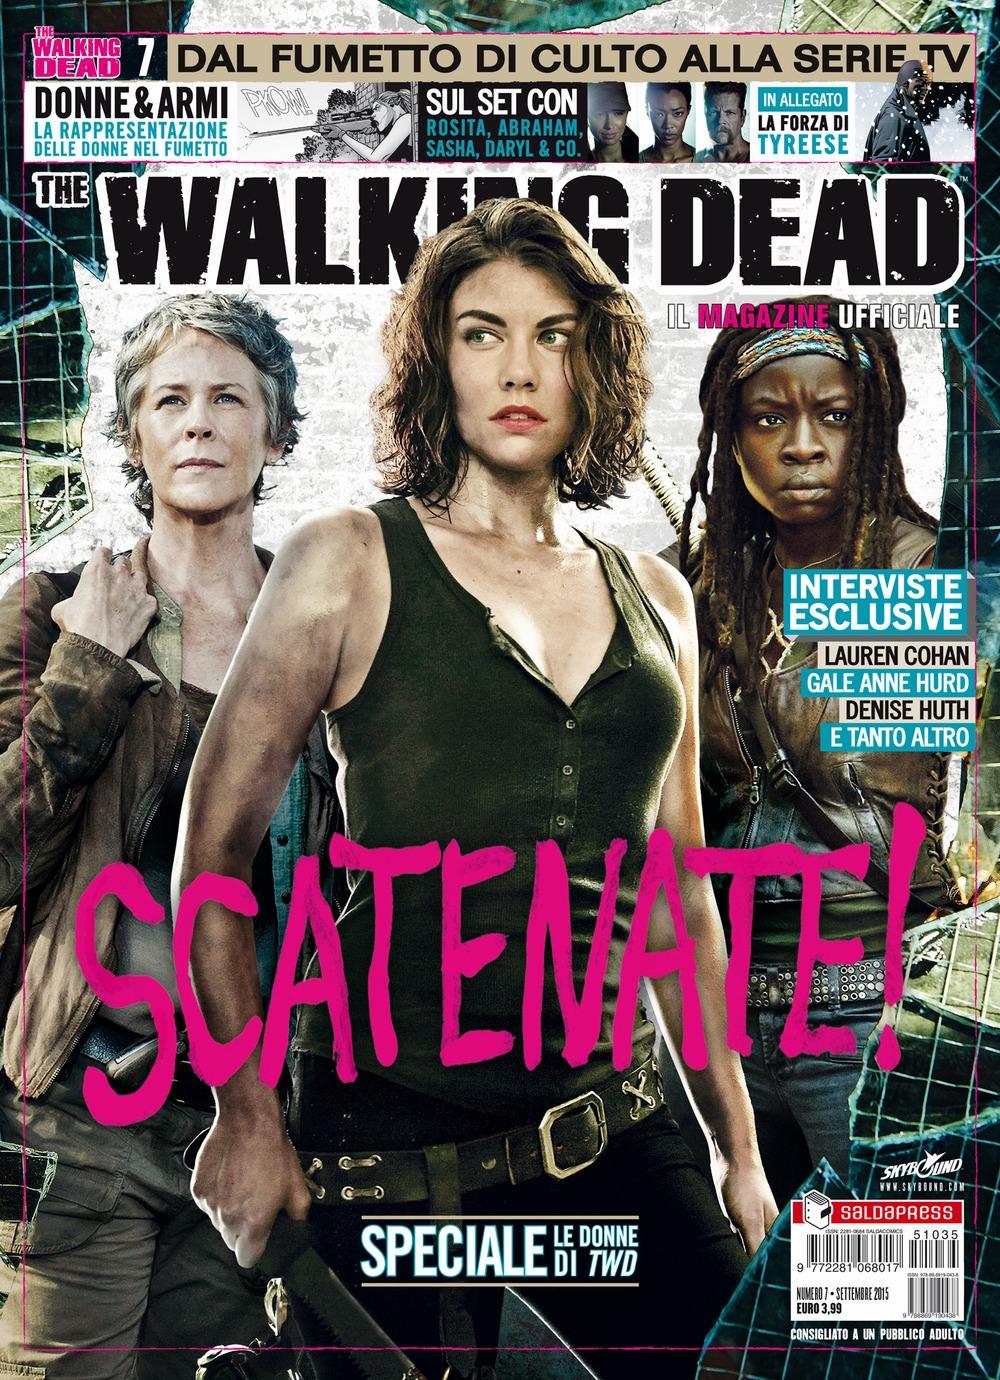 Il Magazine Ufficiale. The Walking Dead. Vol. 7 Donne e Armi. In Allegato - la Forza di Tyreese